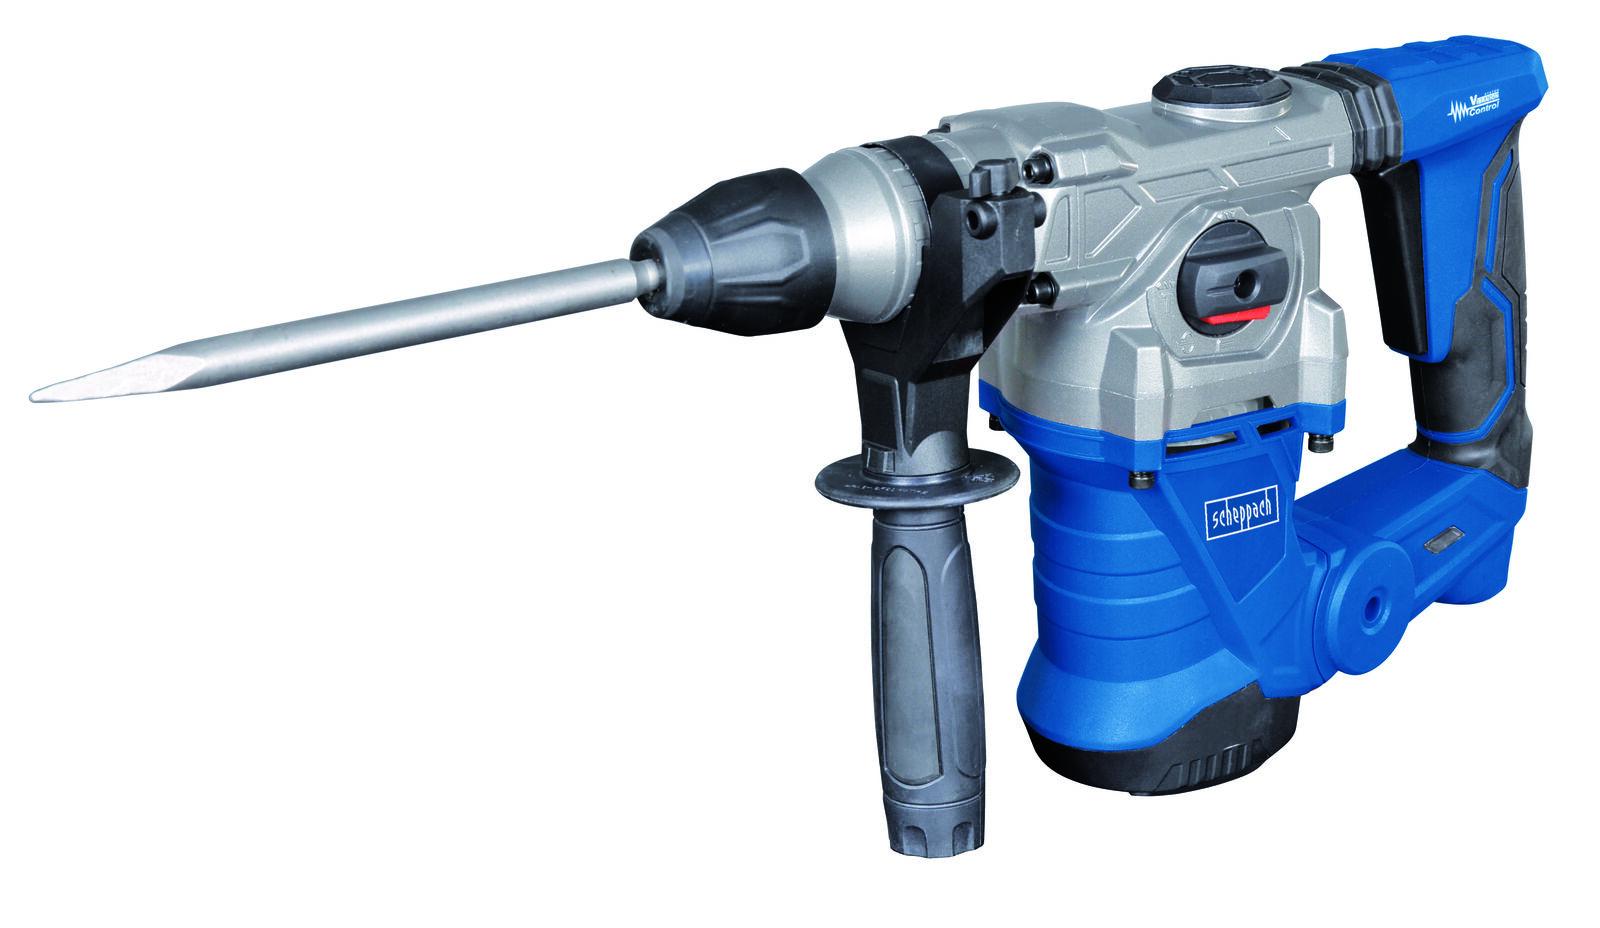 Scheppach Bohrhammer DH 1300 Plus - 230 V, 1250 W, Einzelschlagenergie max: 5 J